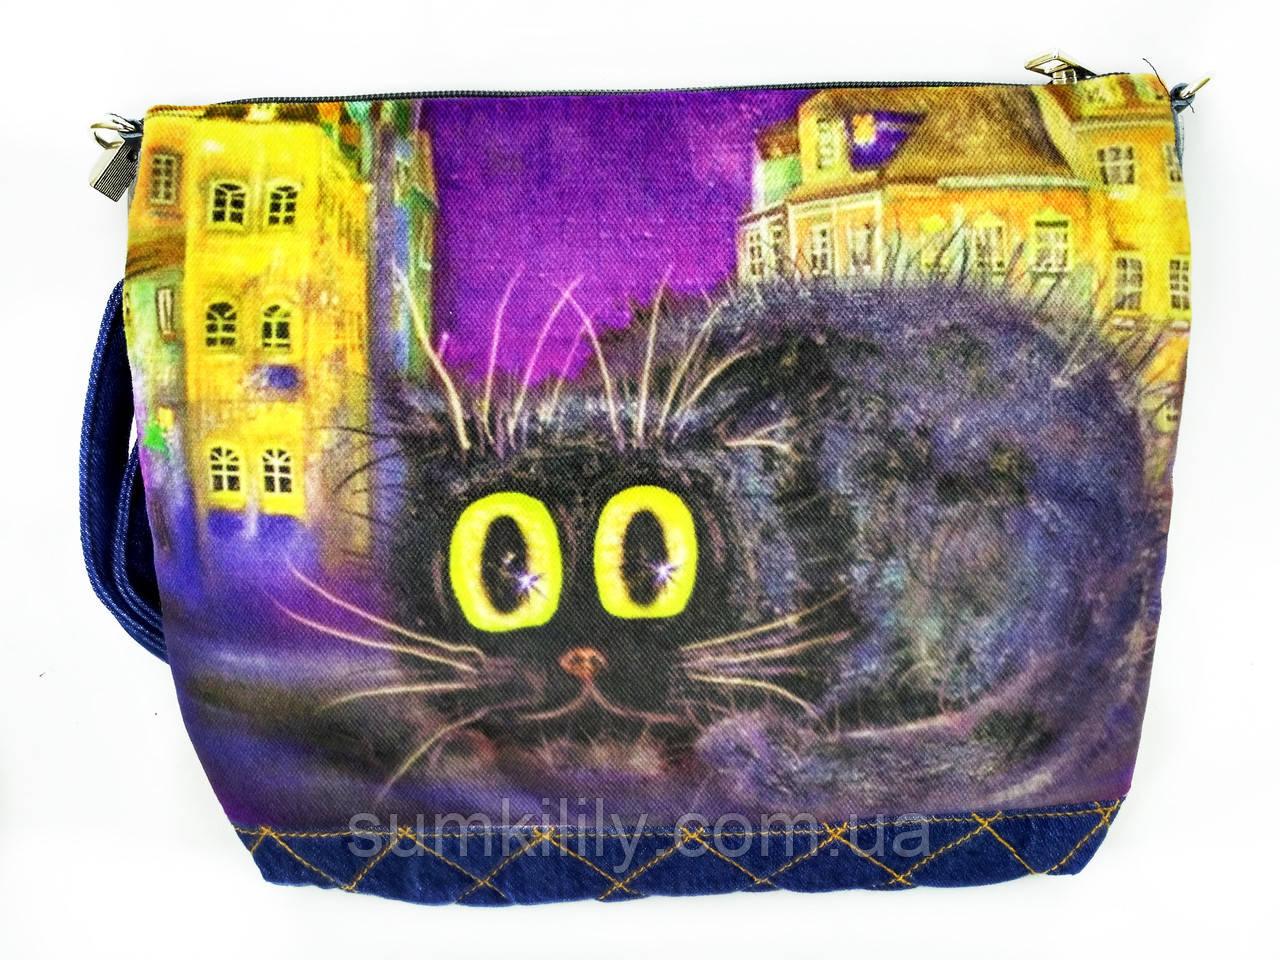 Женская сумочка Глазастик, фото 1